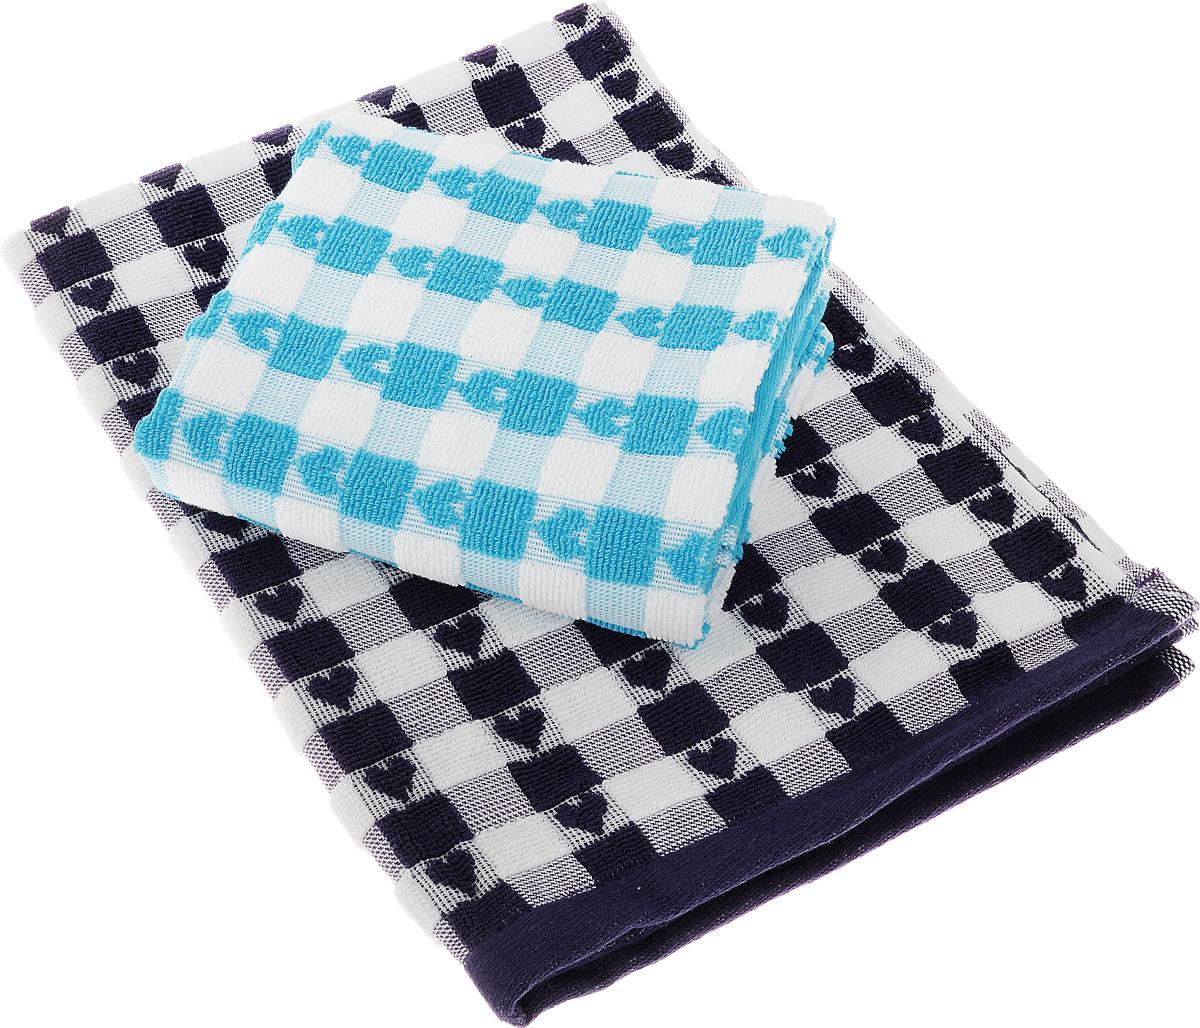 Набор кухонных полотенец Toalla Сердечки, цвет: фиолетовый, голубой, 50 x 70 см, 2 шт00000000064Набор Toalla Сердечки состоит из двух прямоугольных полотенец, выполненных из 100% хлопка. Изделия предназначены для использования на кухне и в столовой.Набор полотенец Toalla Сердечки - отличное приобретение для каждой хозяйки.Комплектация: 2 шт.